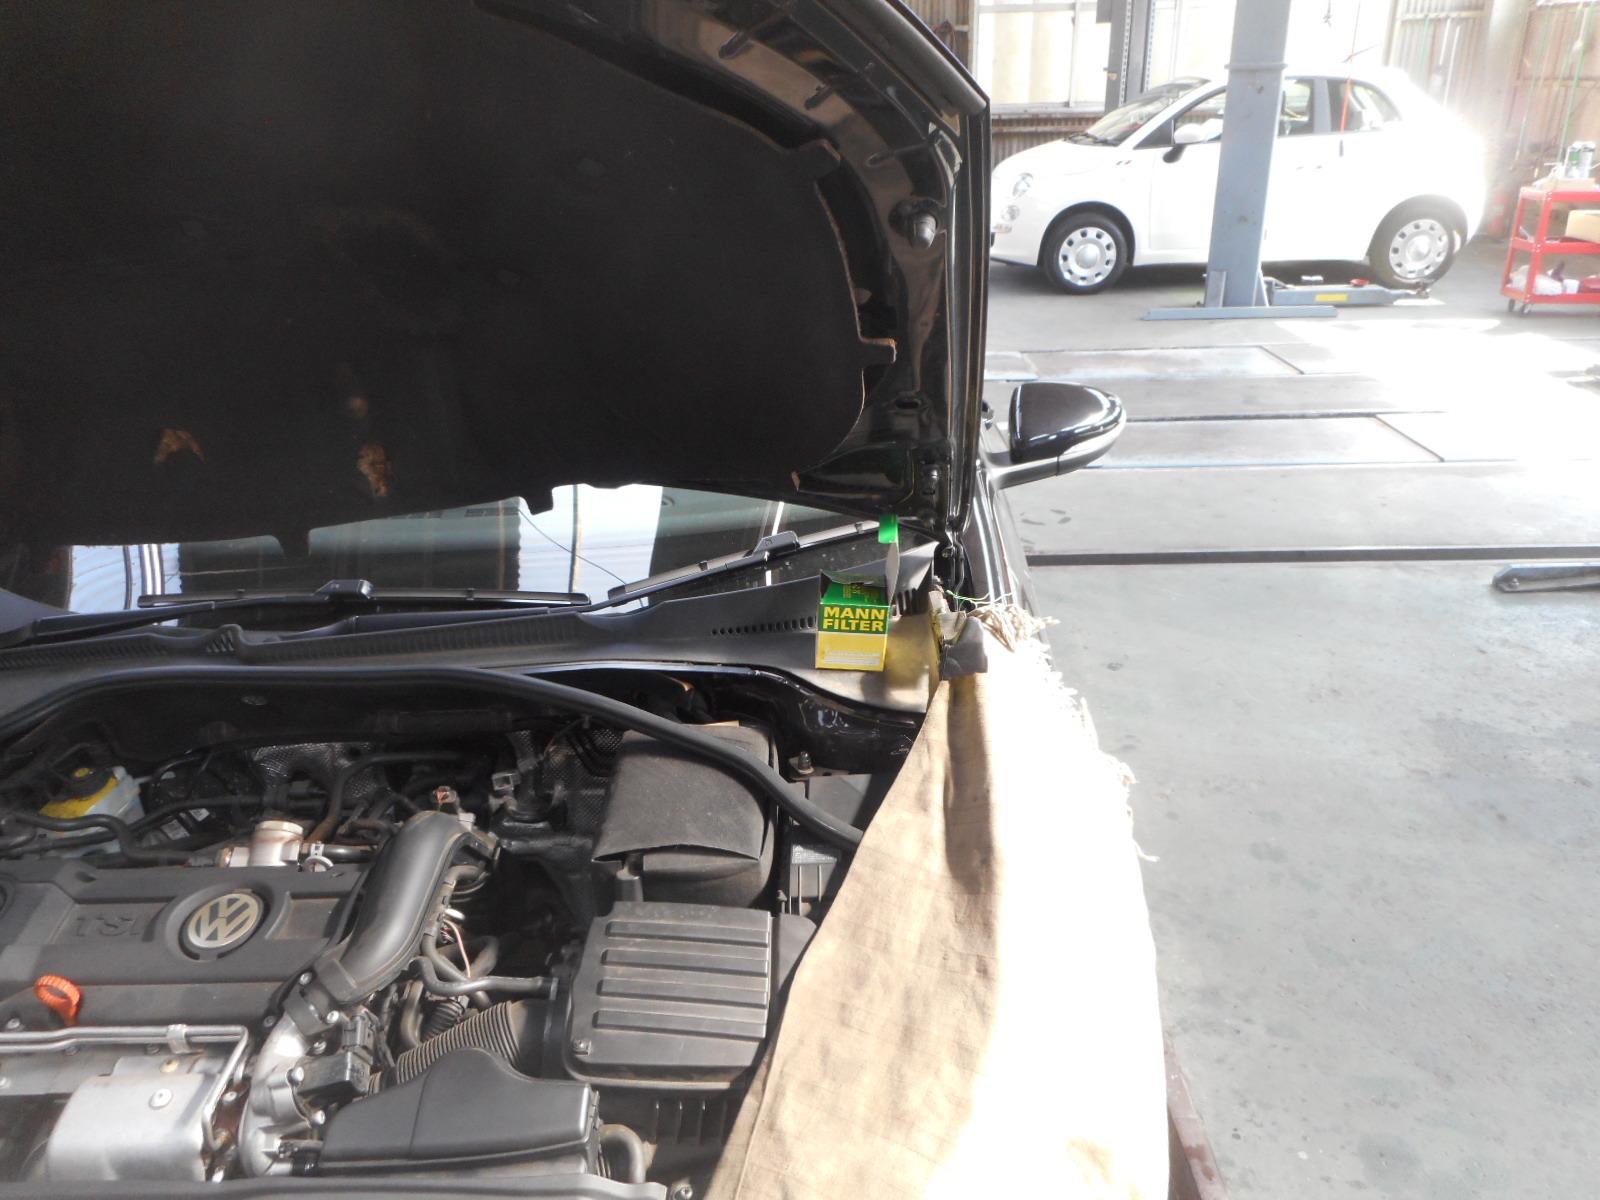 VWゴルフ6 TSI エアコン整備(エアクオリティセンサ交換)_c0267693_15274752.jpg